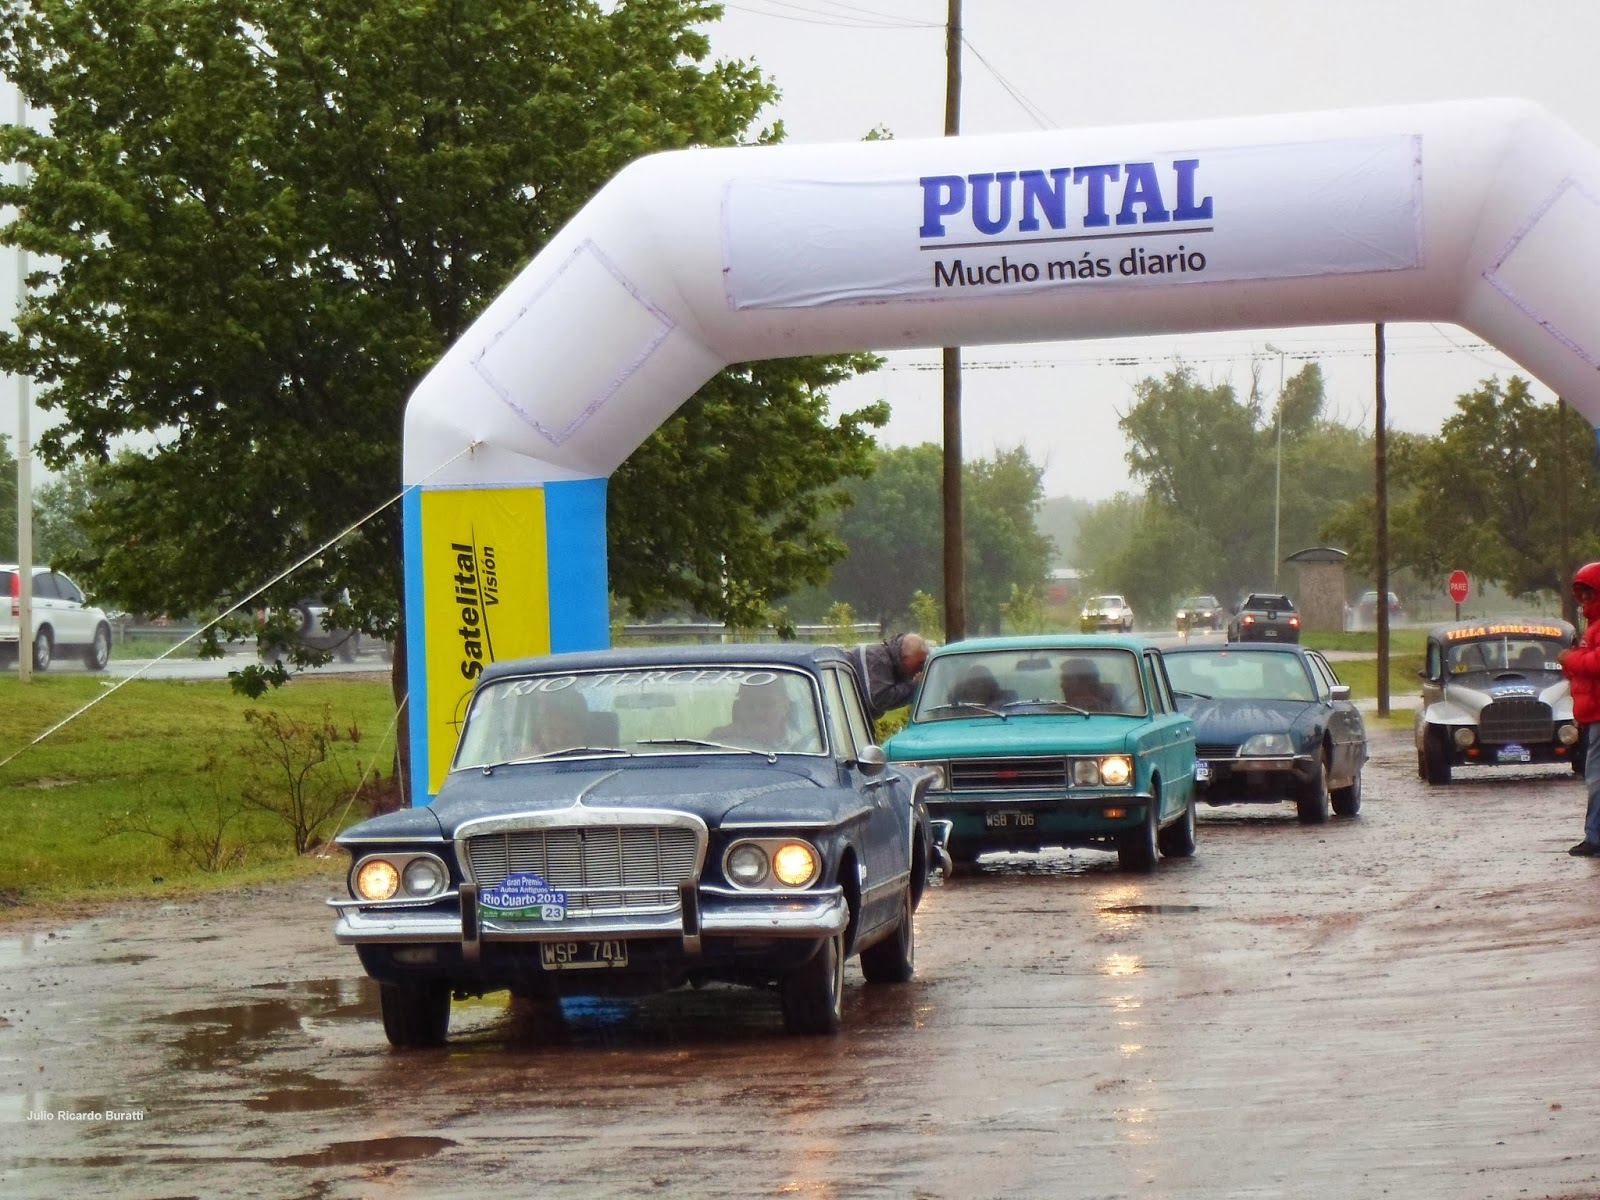 Antigüedades: Competencia de autos antiguos, Río Cuarto 9 de ...